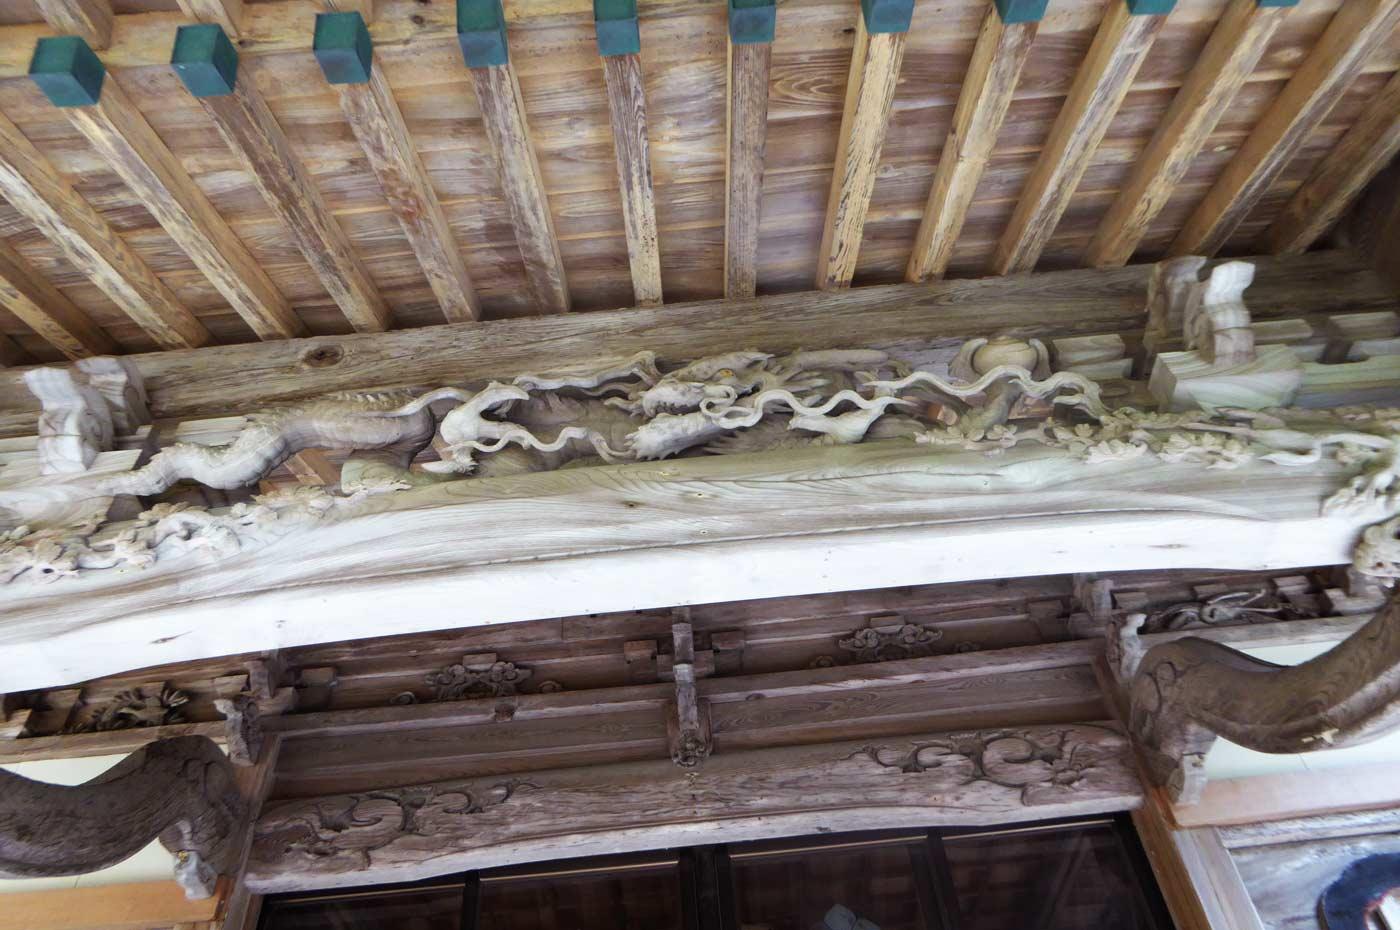 後藤利兵衛橘義光の龍の彫刻